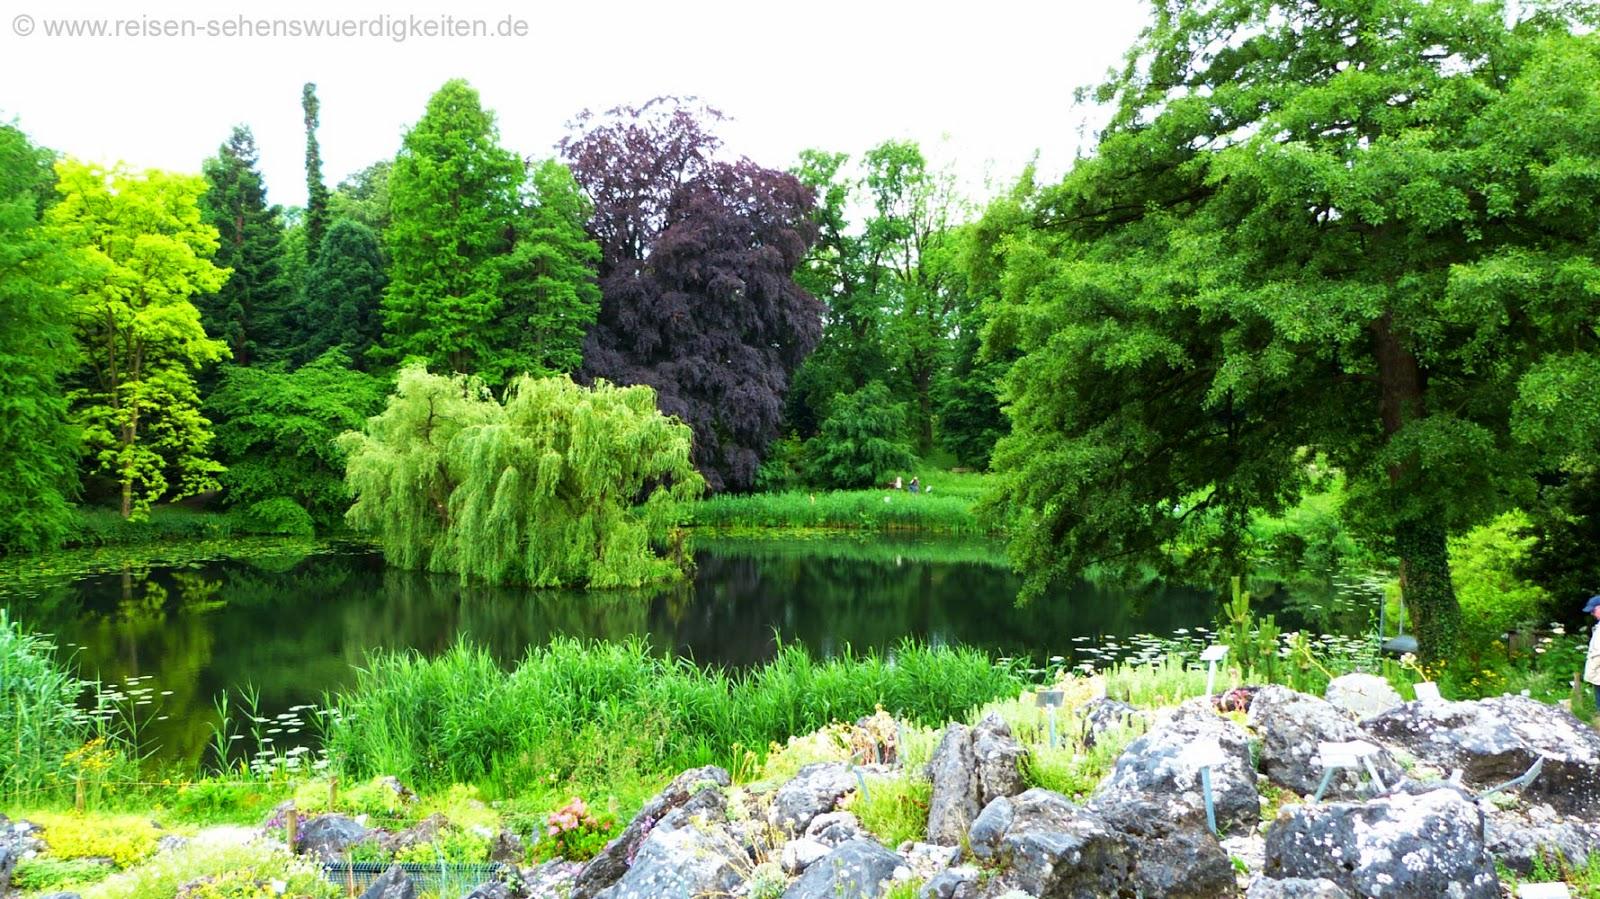 Teich im Botanischen Garten von Münster